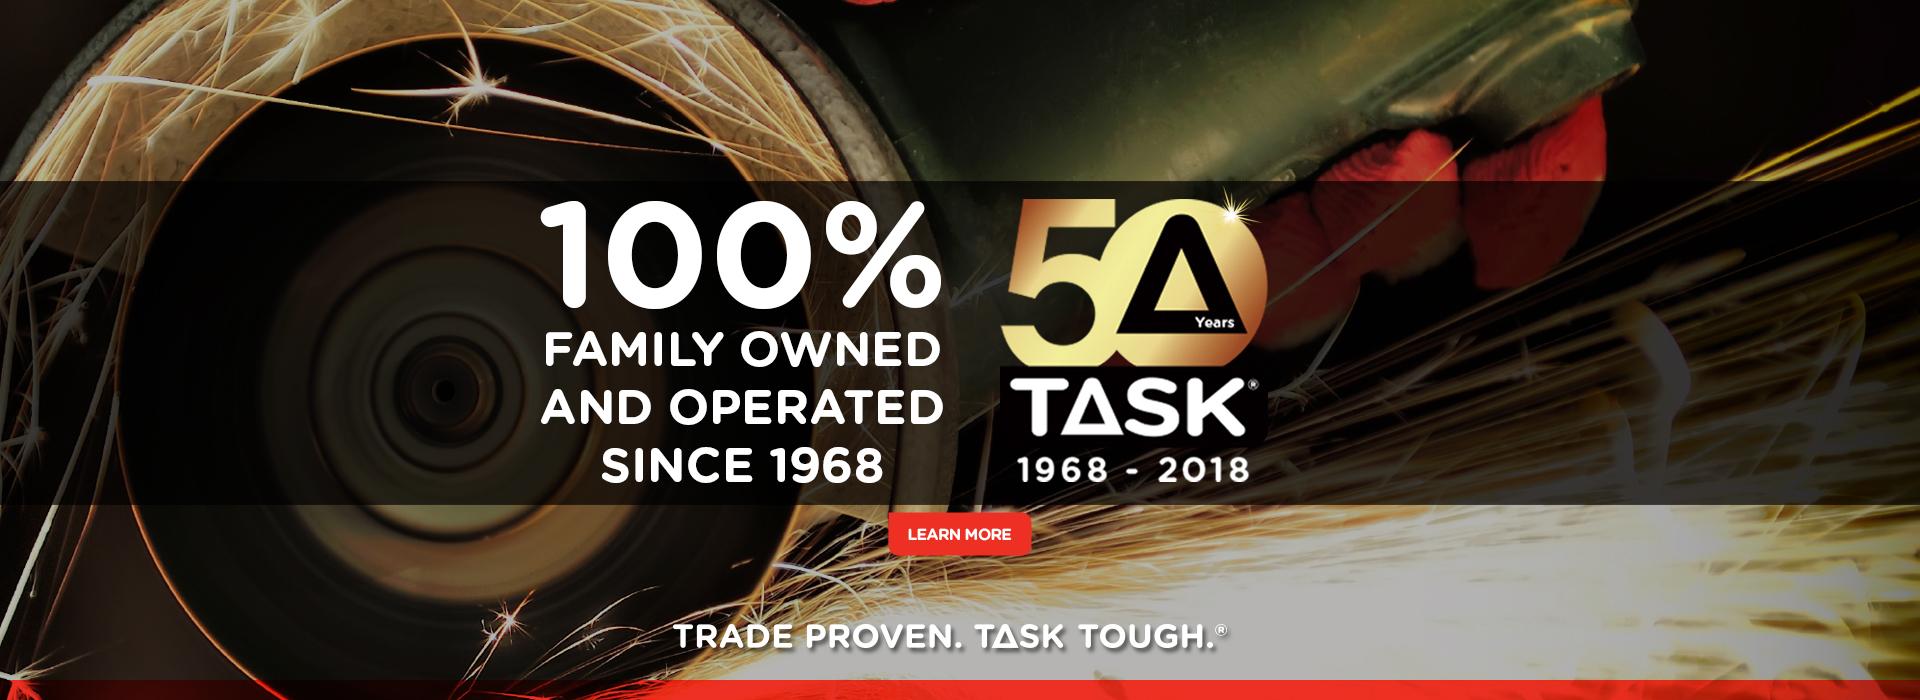 Trade Proven.Task Tough®